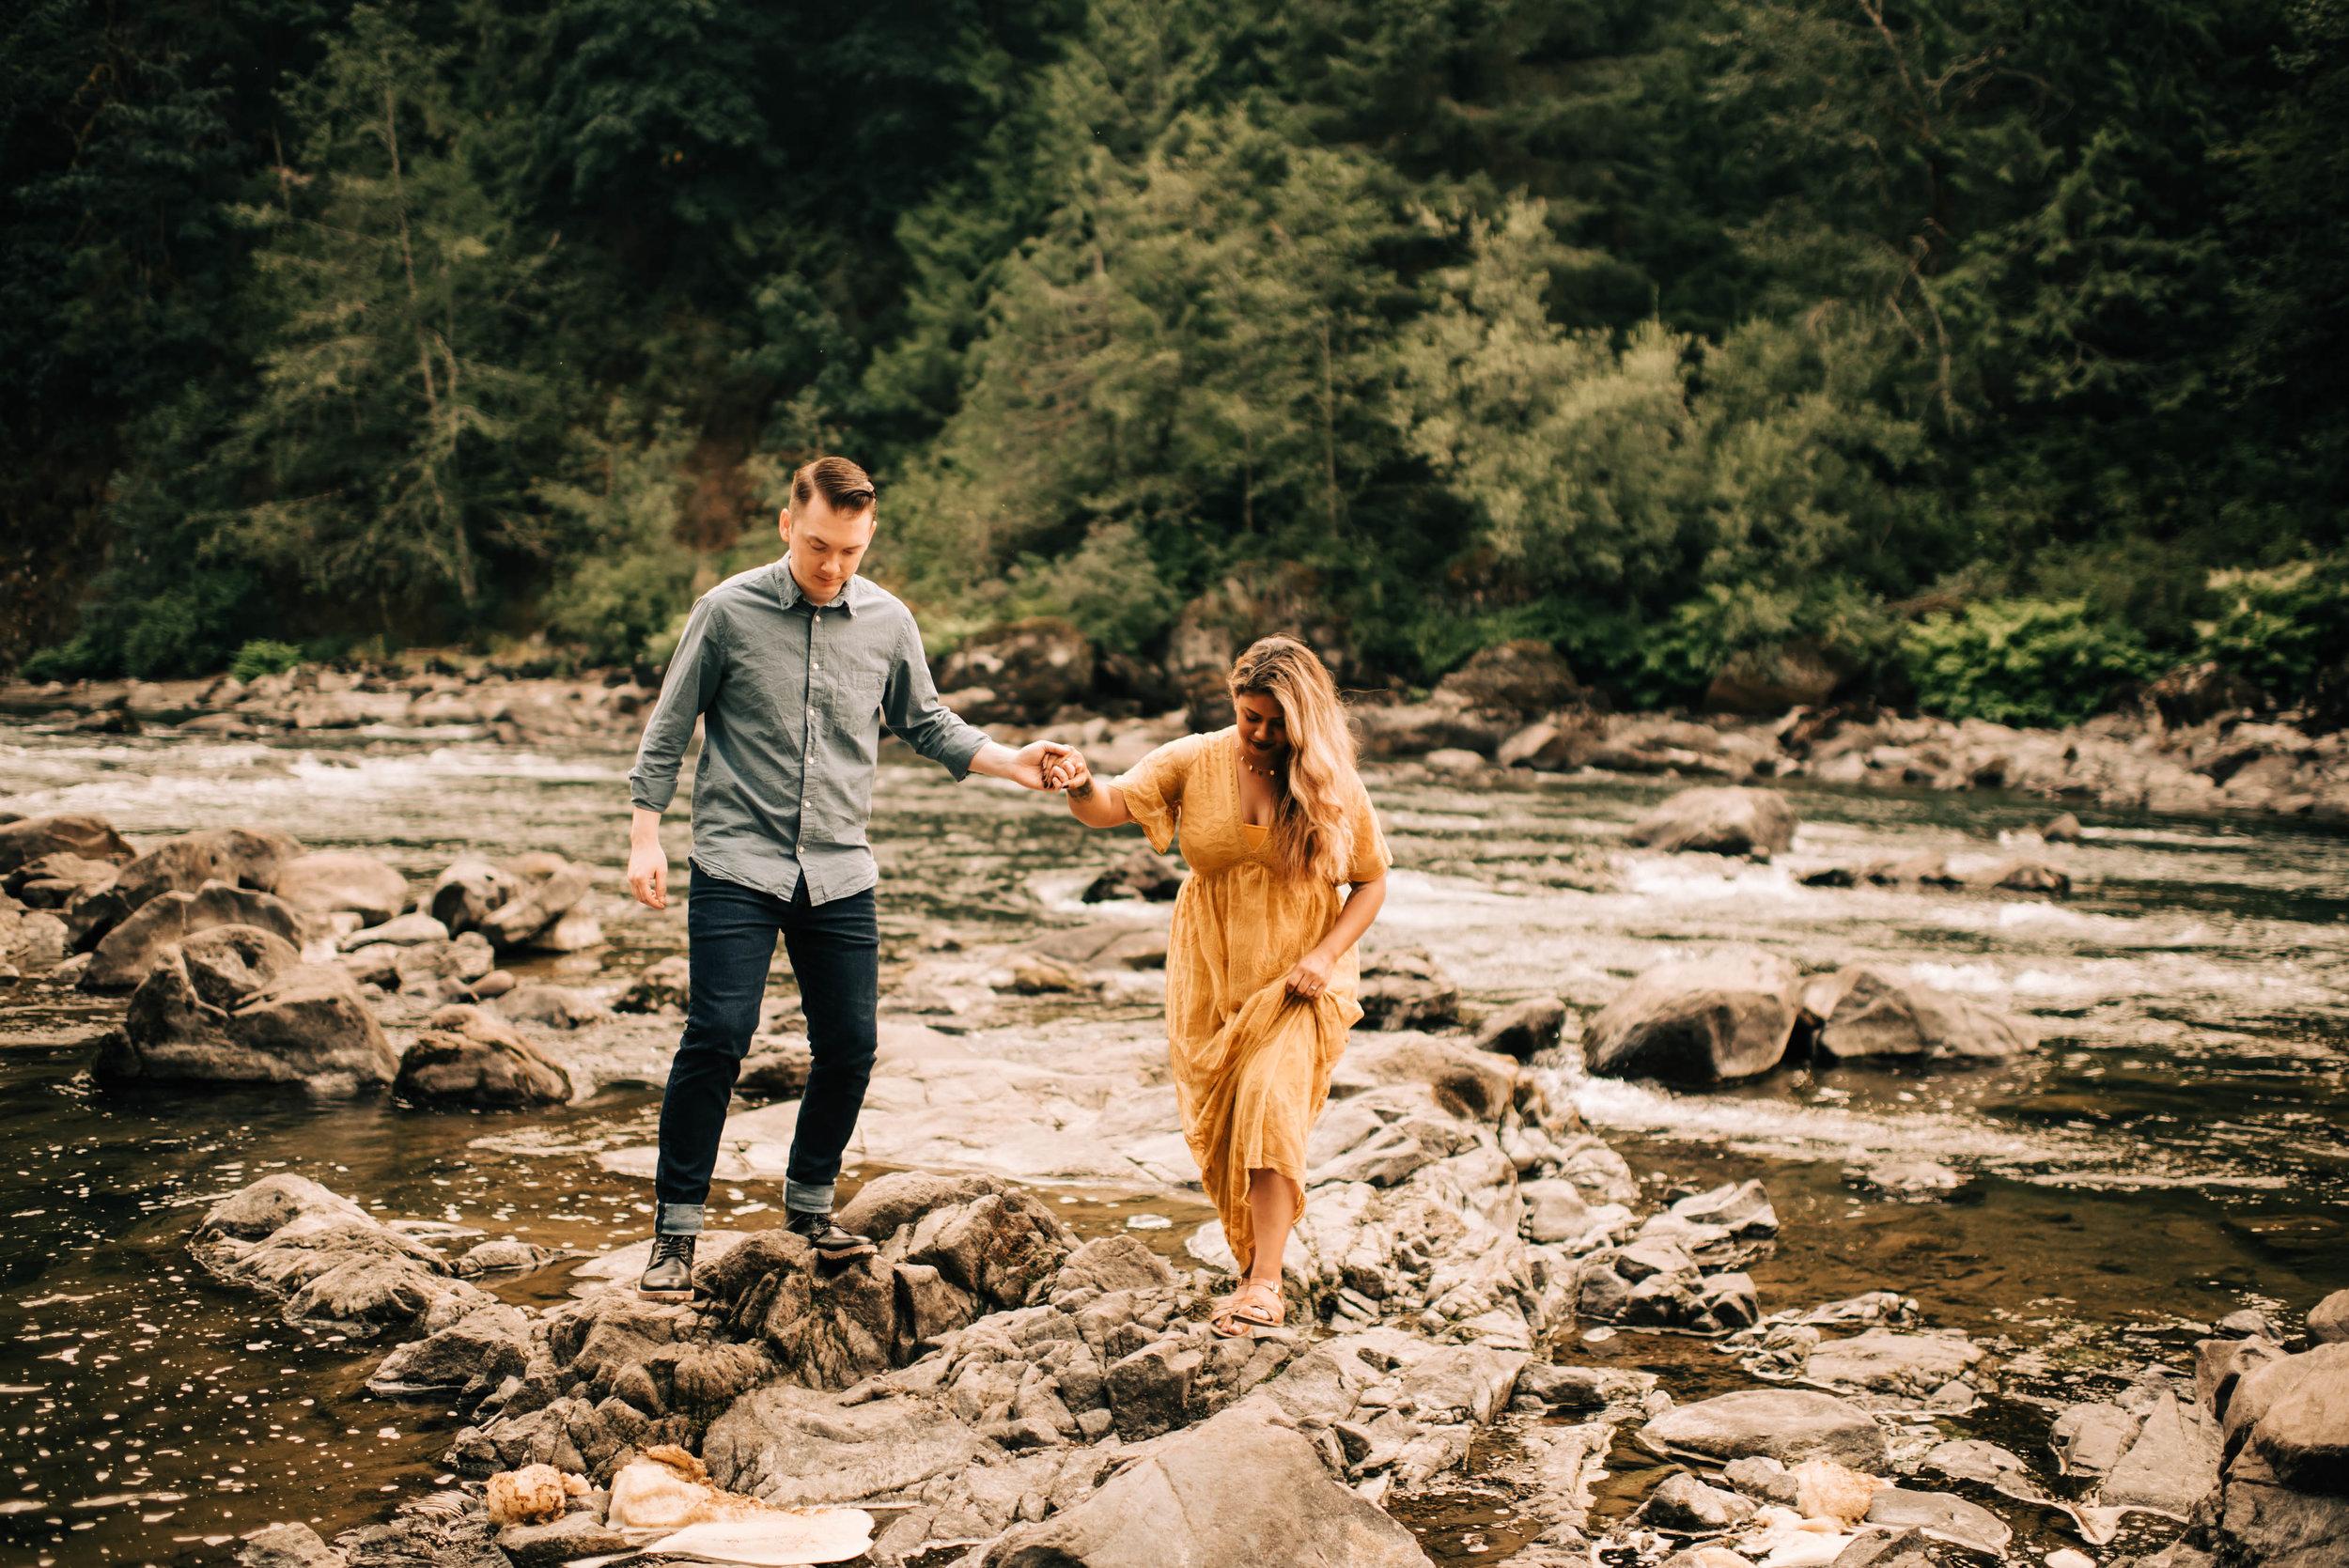 san francisco oakland bay area california sf atlanta georgia seattle washington pnw nontraditional wedding photographer -88.jpg